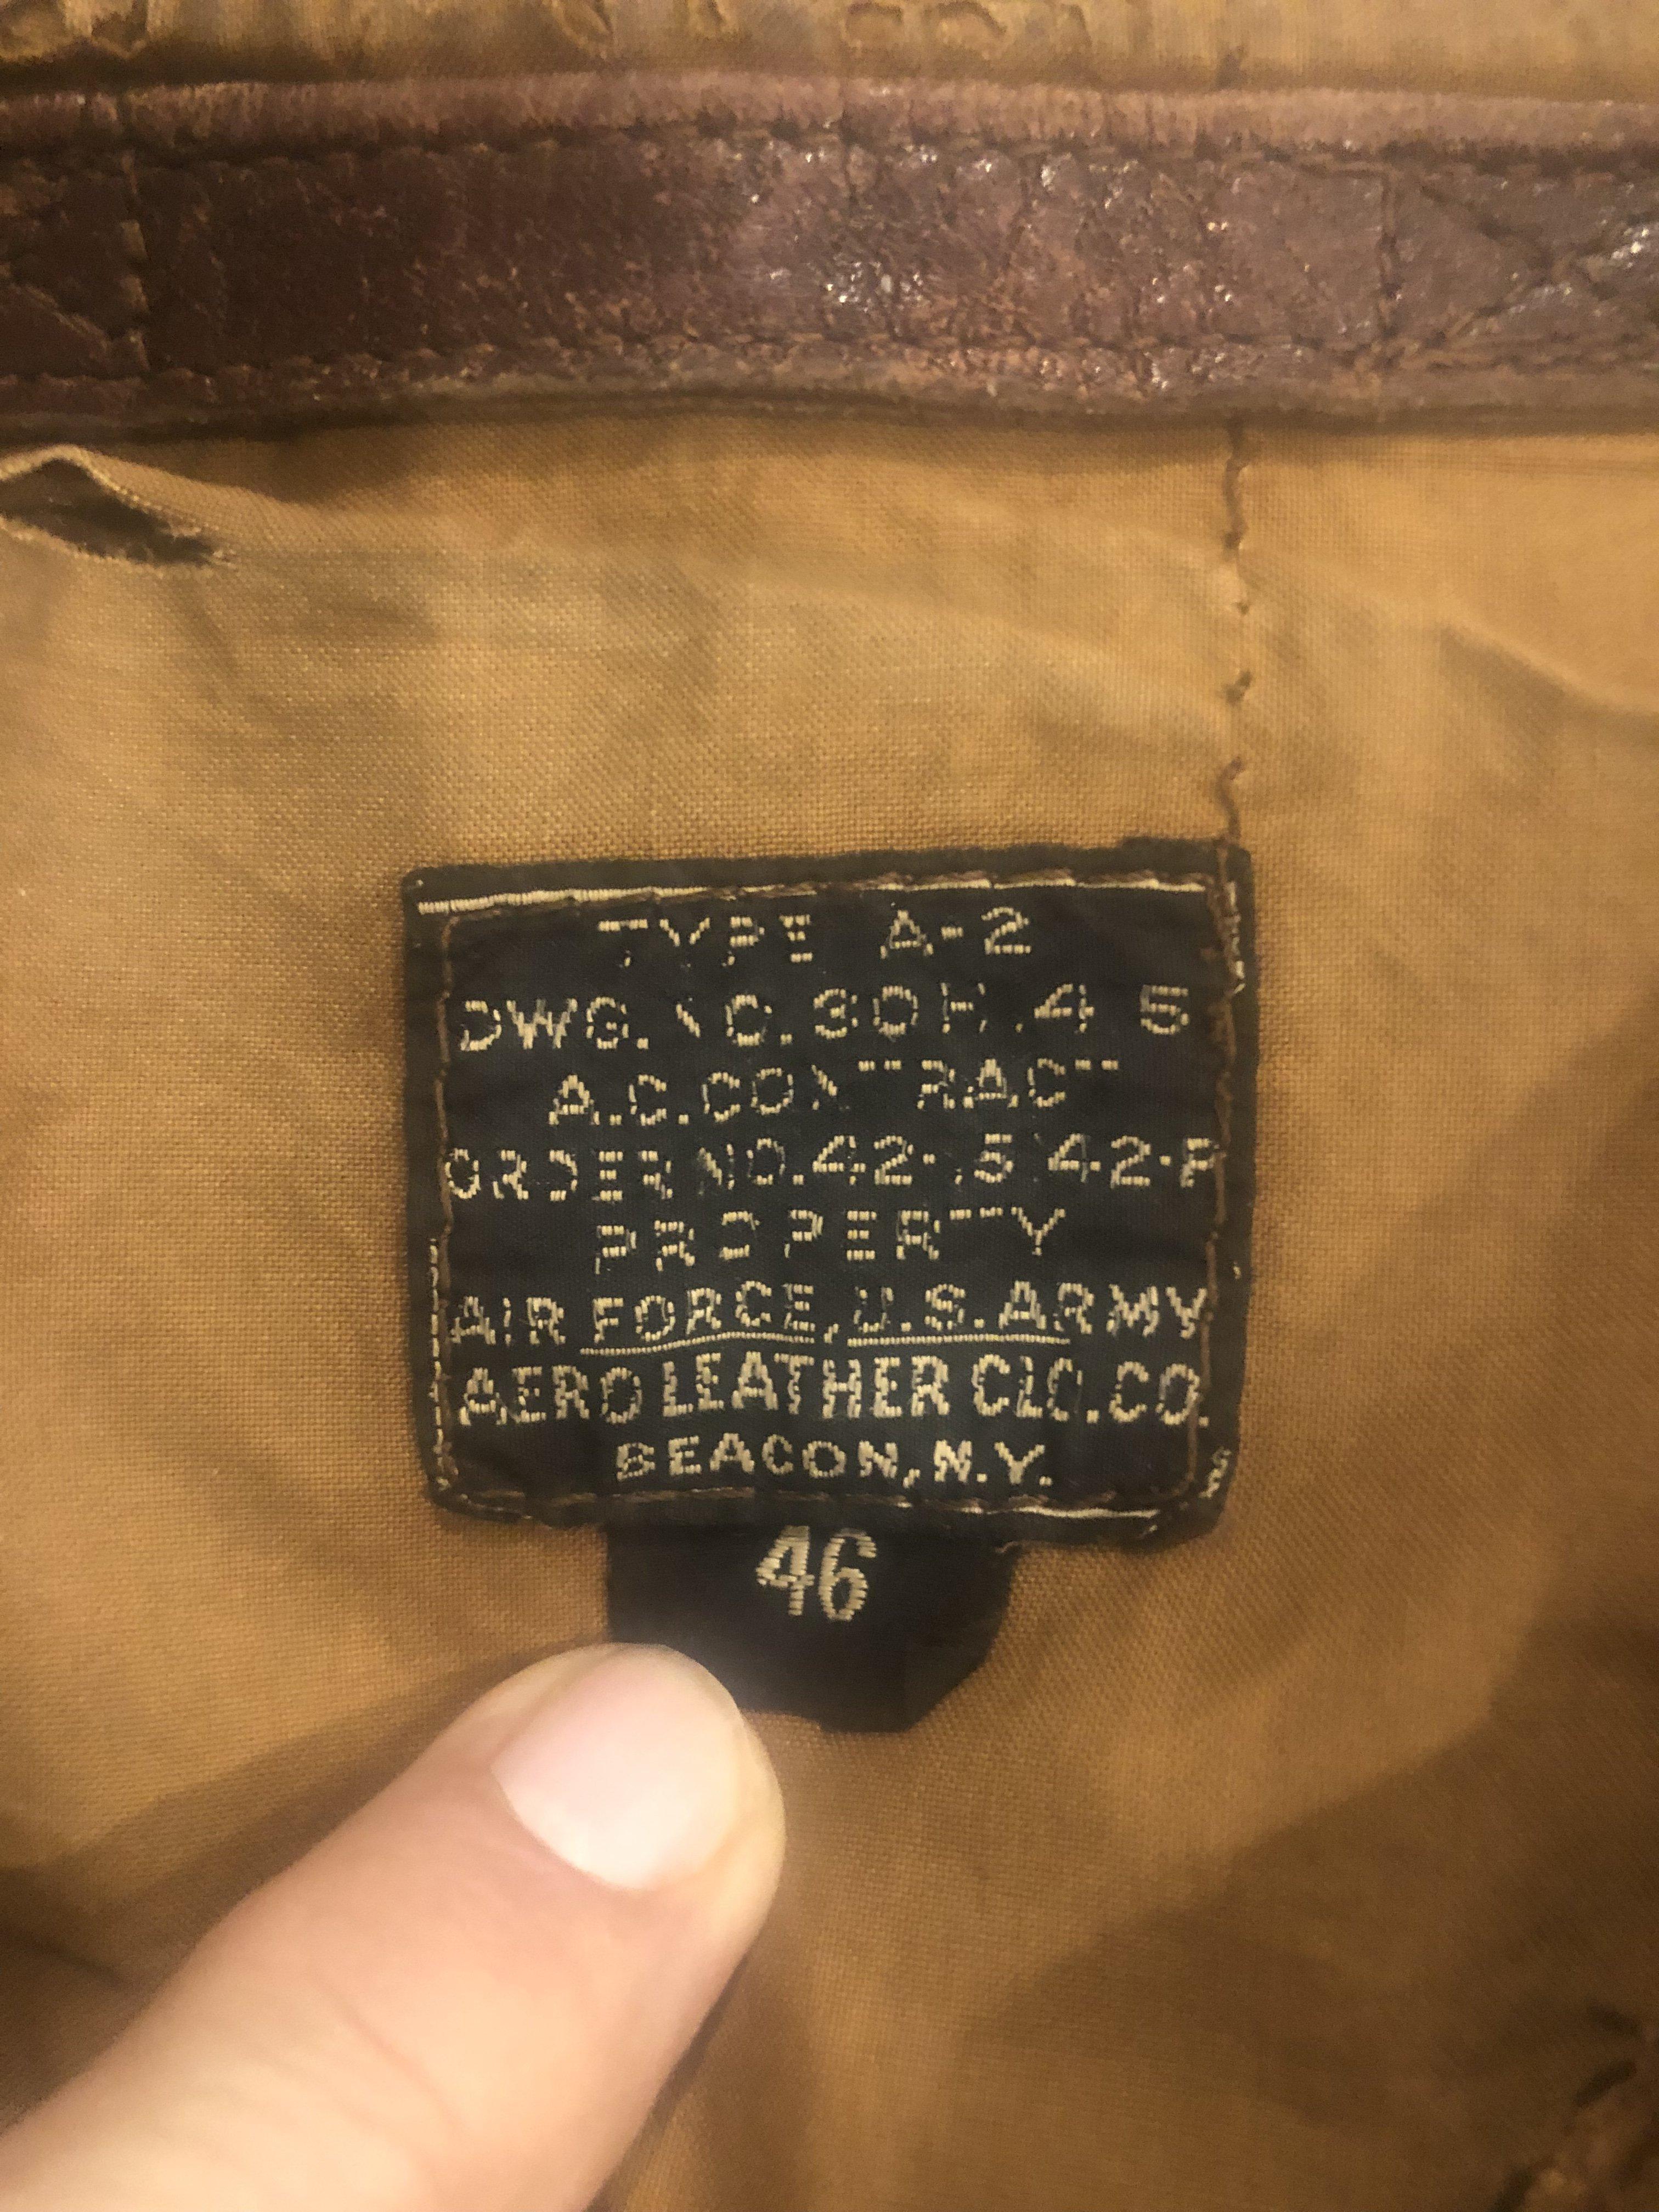 126C59C4-99EA-4669-AB35-8F65436AFCB2.jpeg